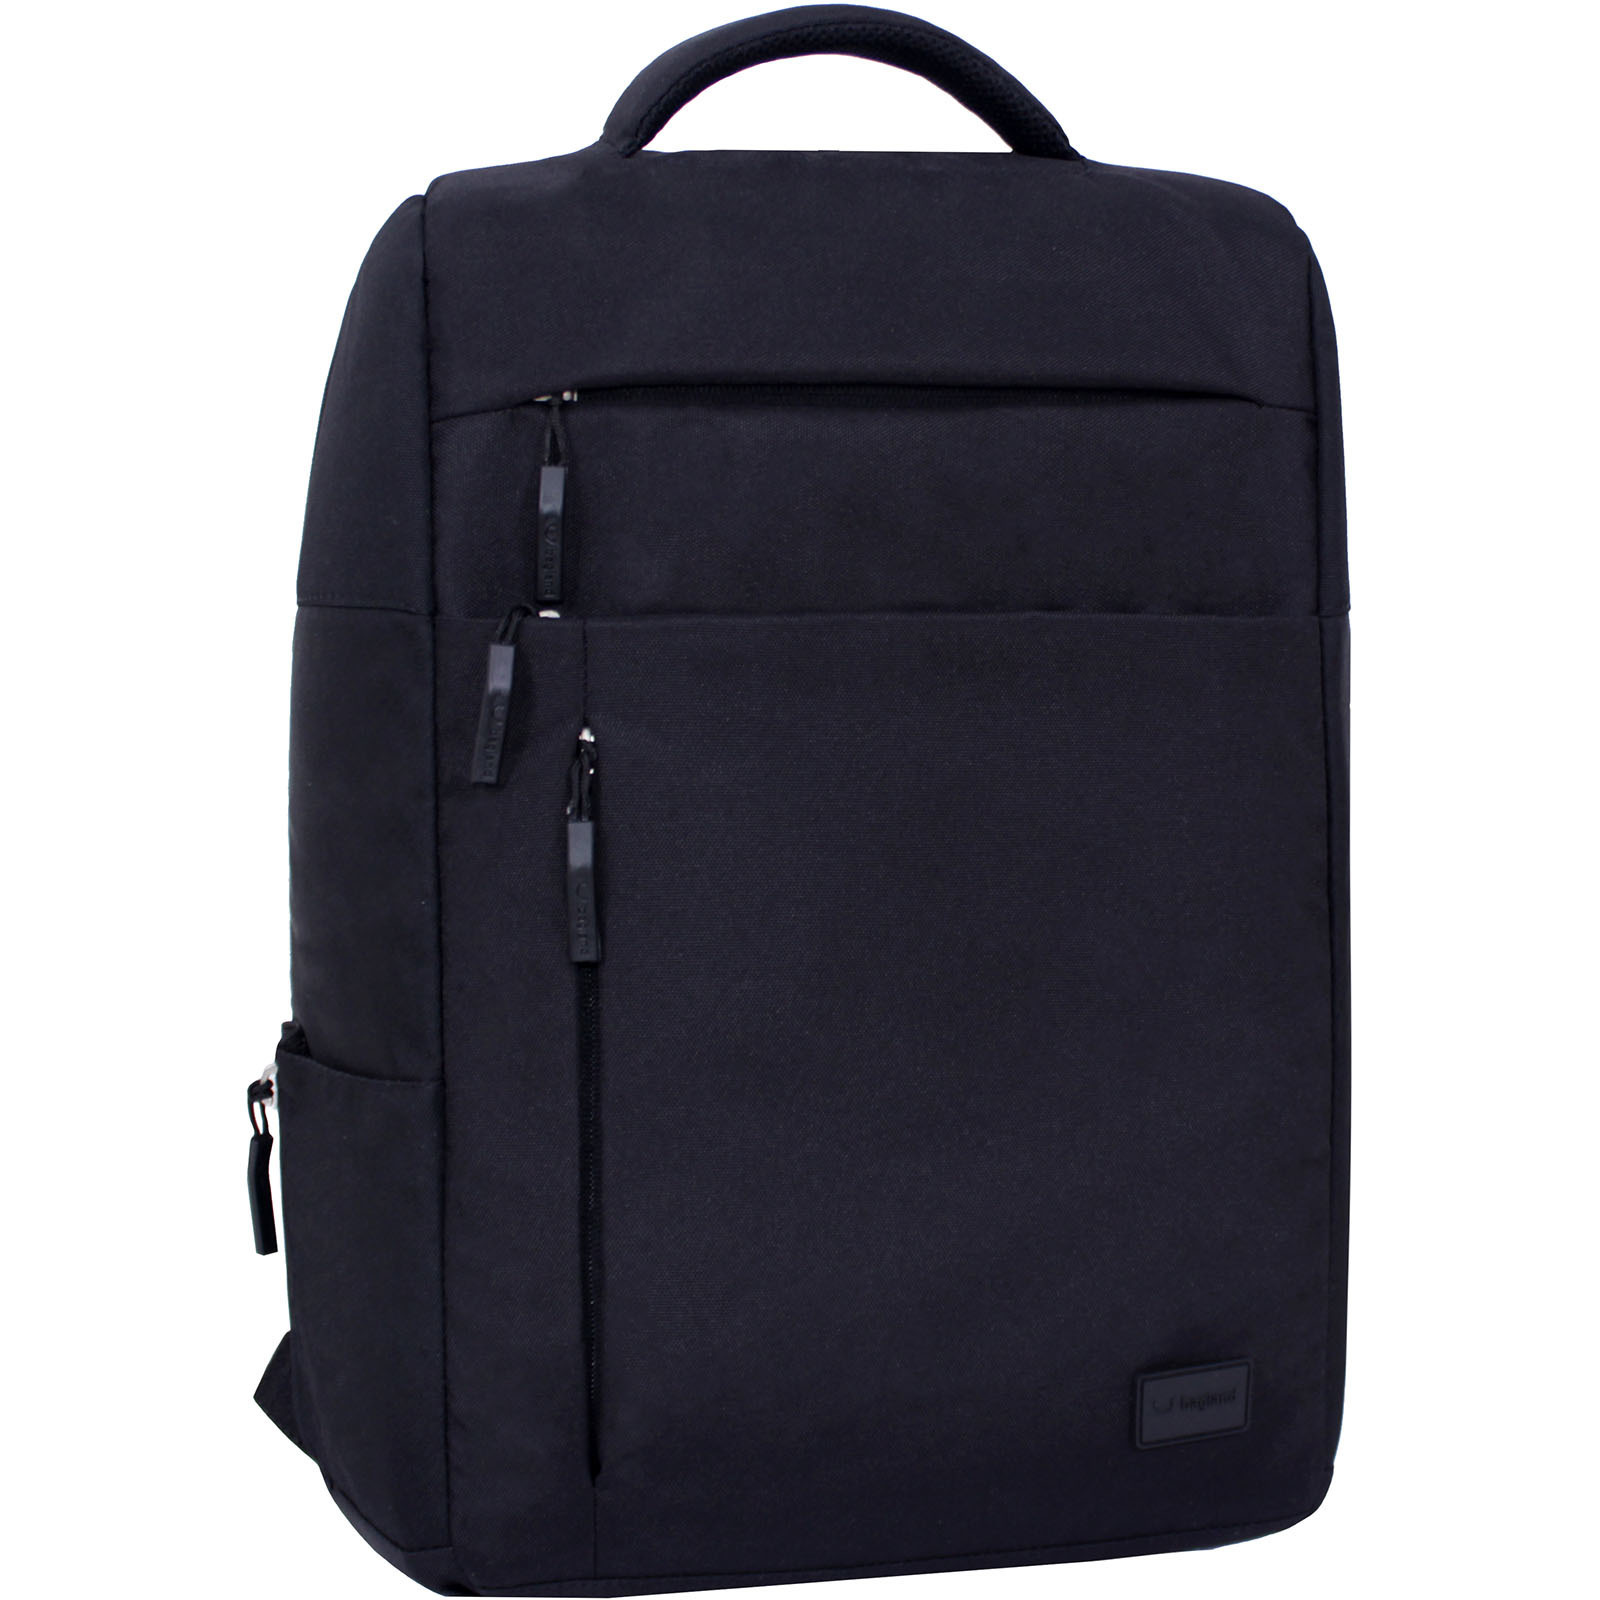 Городские рюкзаки Рюкзак Bagland Волнорез 20 л. черный (0013866) IMG_2884.JPG